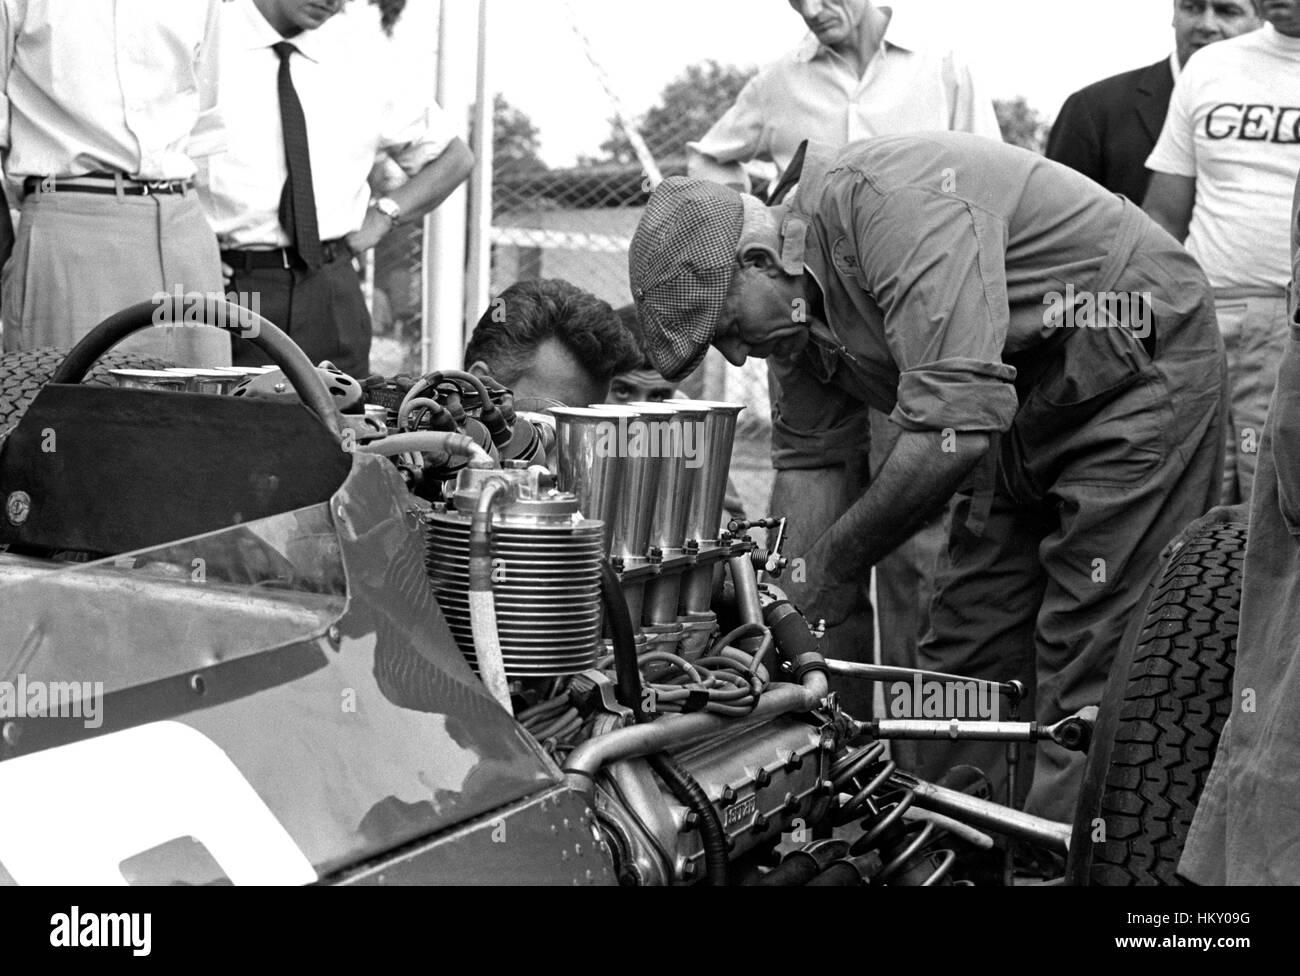 1964 Ferrari 158 Motor Monza Paddock GG Stockbild